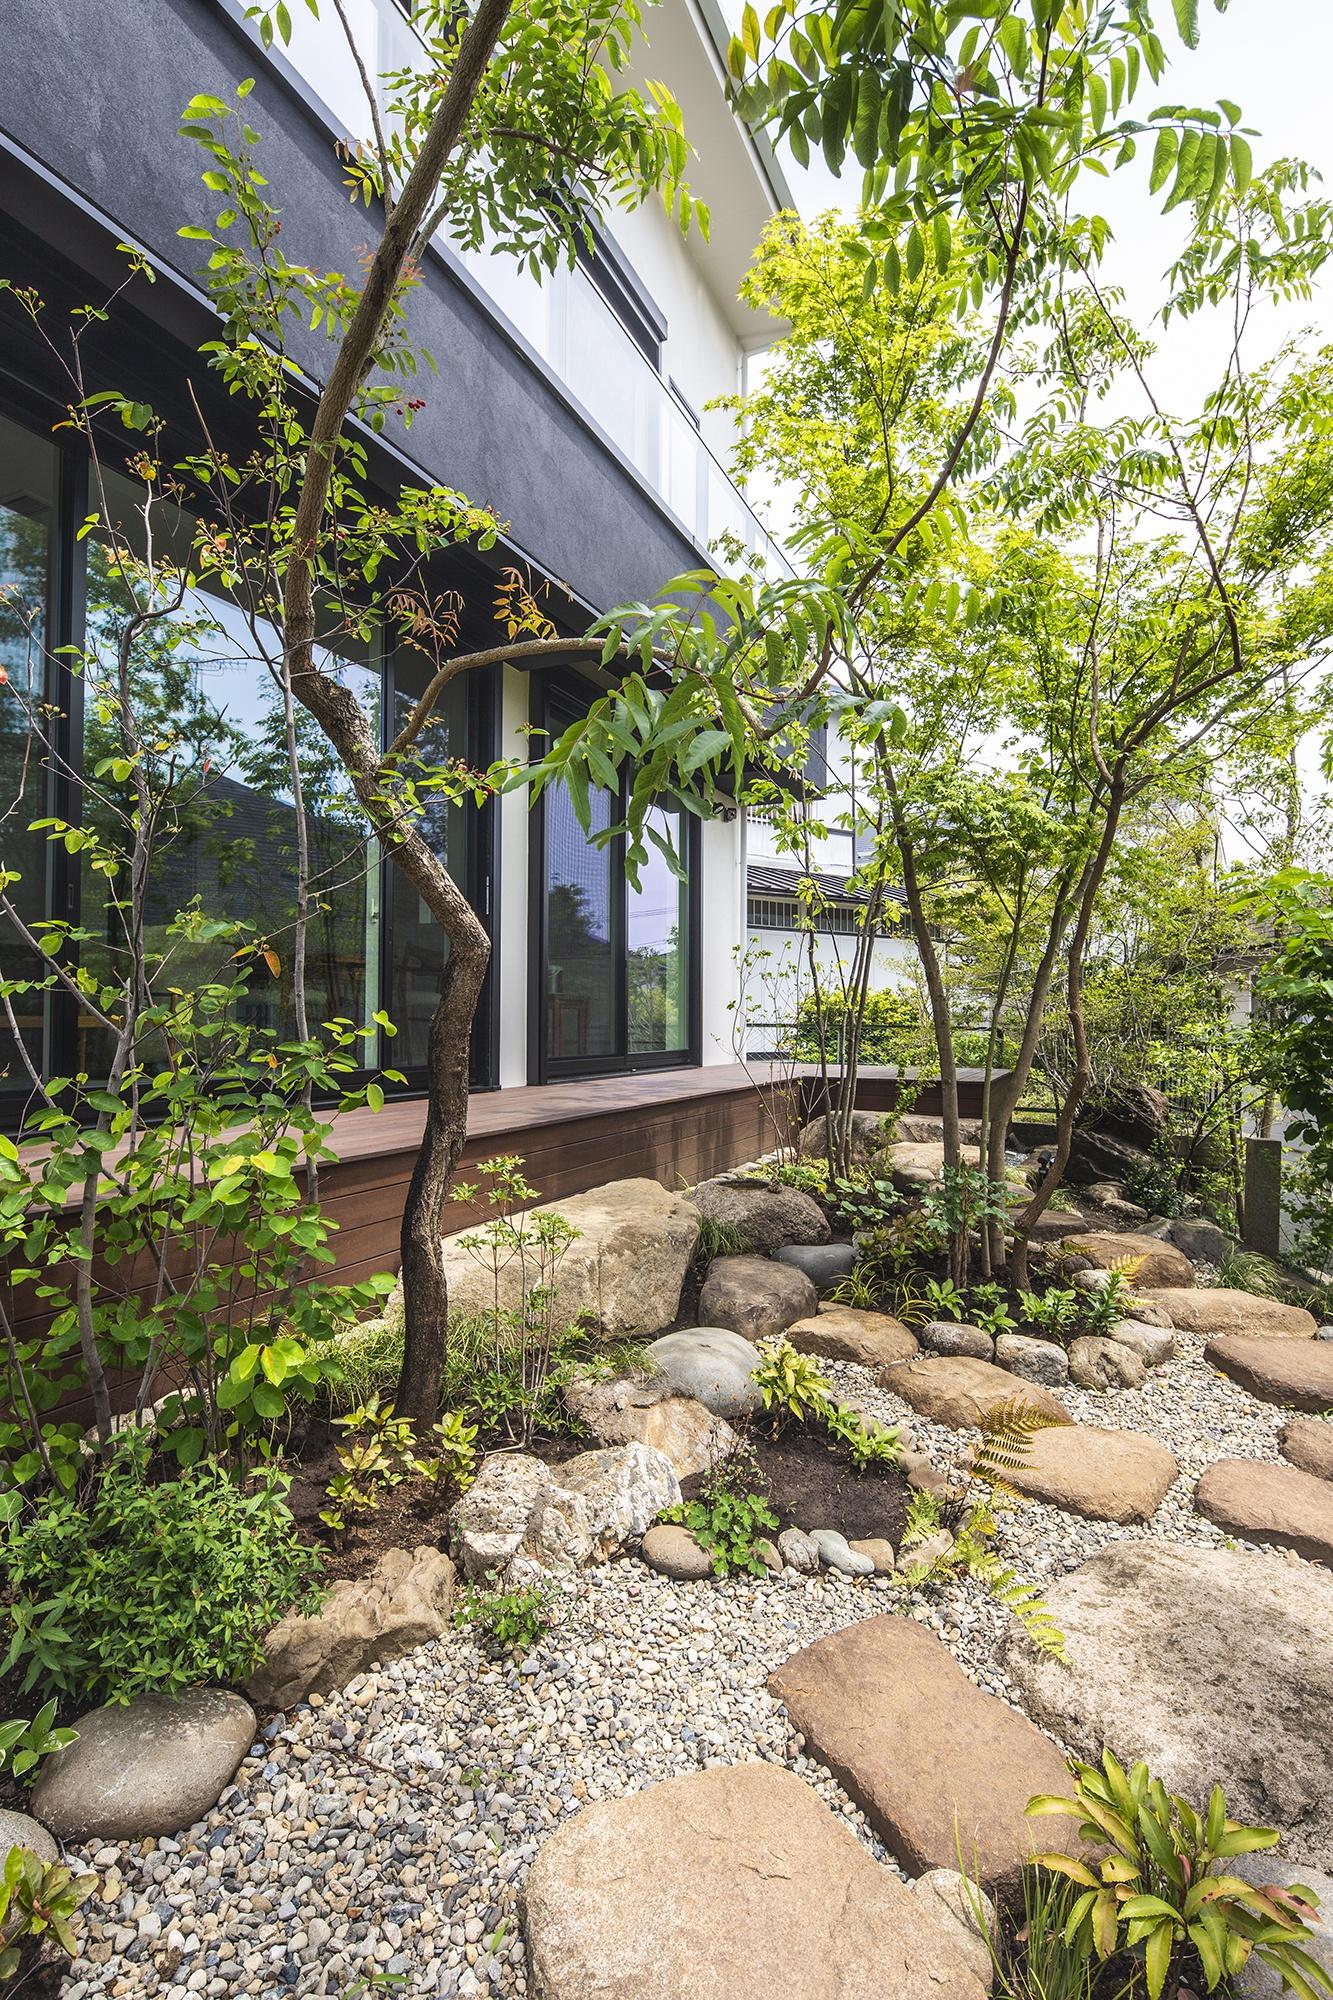 石畳の和風の植栽のある庭